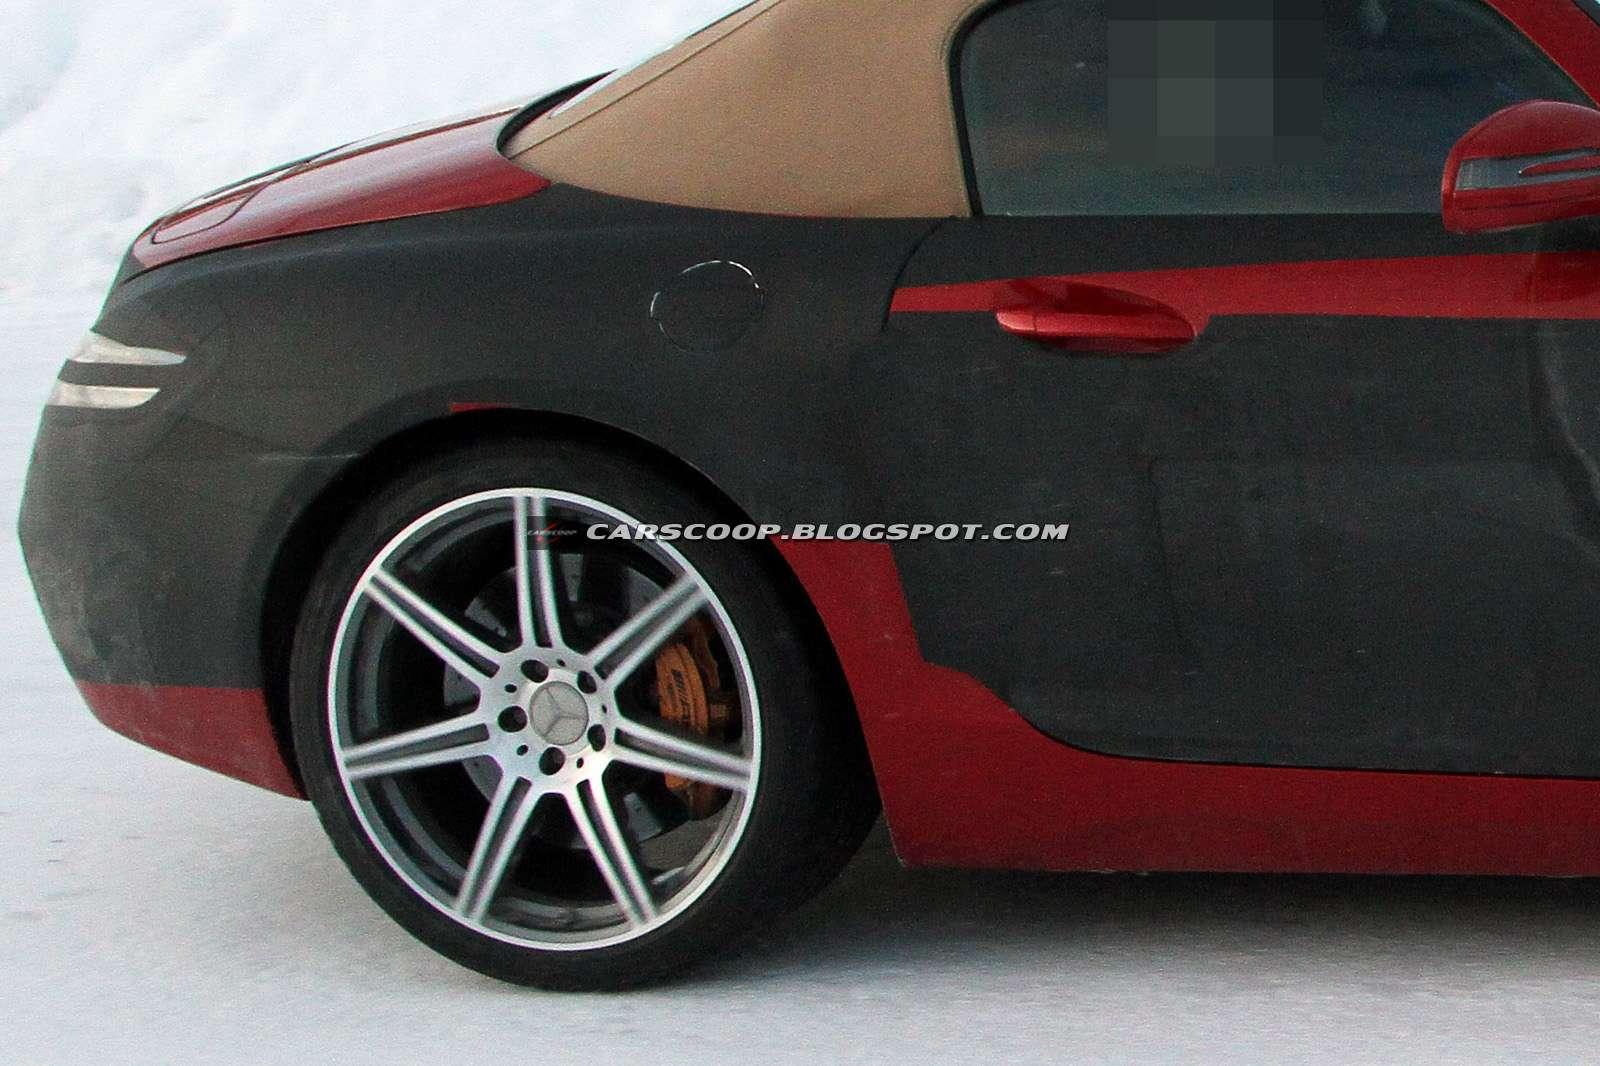 Mercedes SLS AMG Roadster grudzien 2010